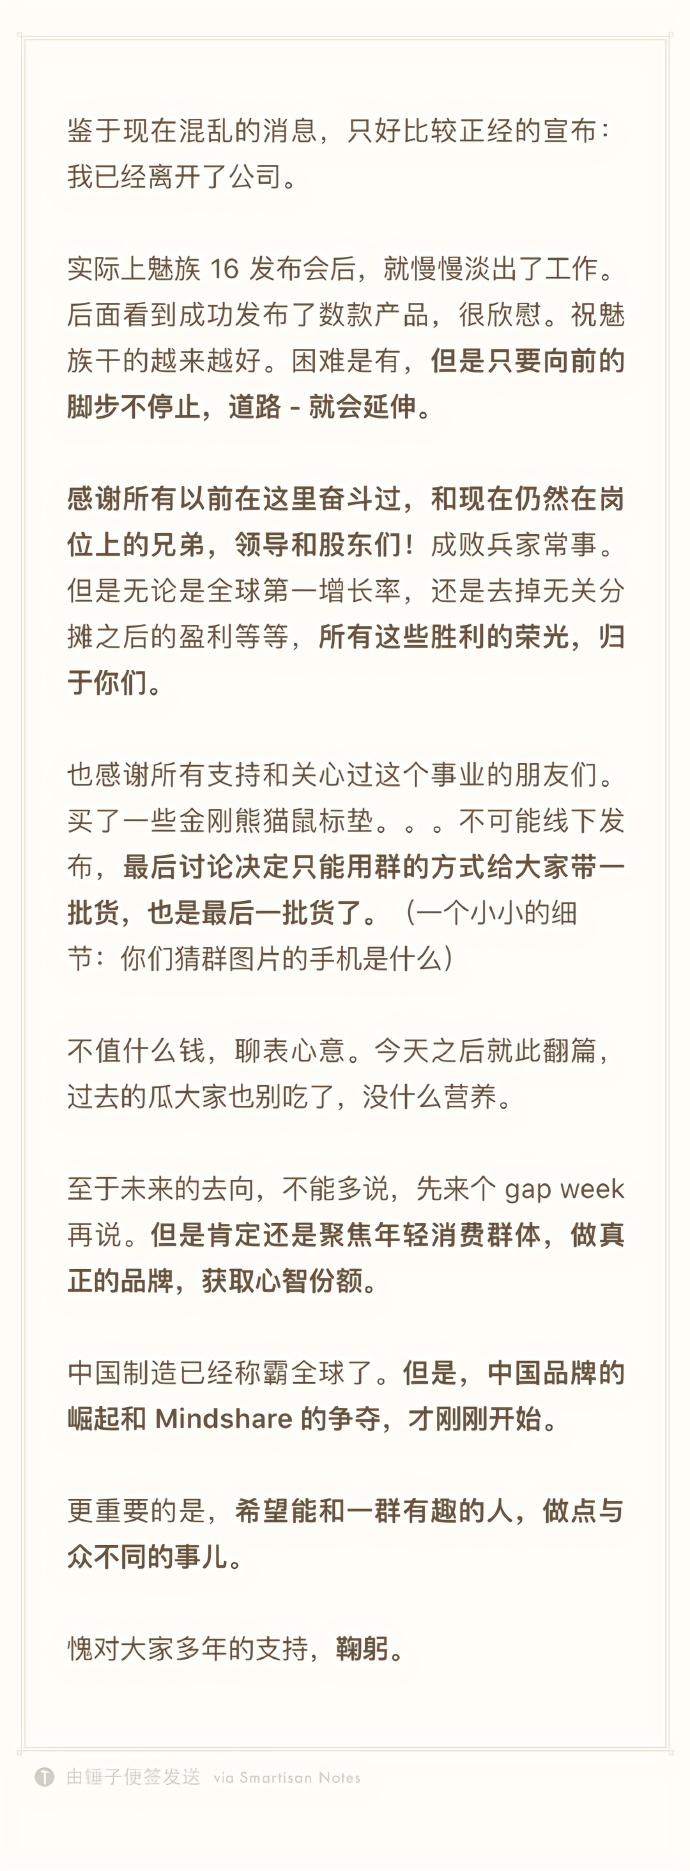 李楠宣布离开魅族 罗永浩:早该离开了的照片 - 2